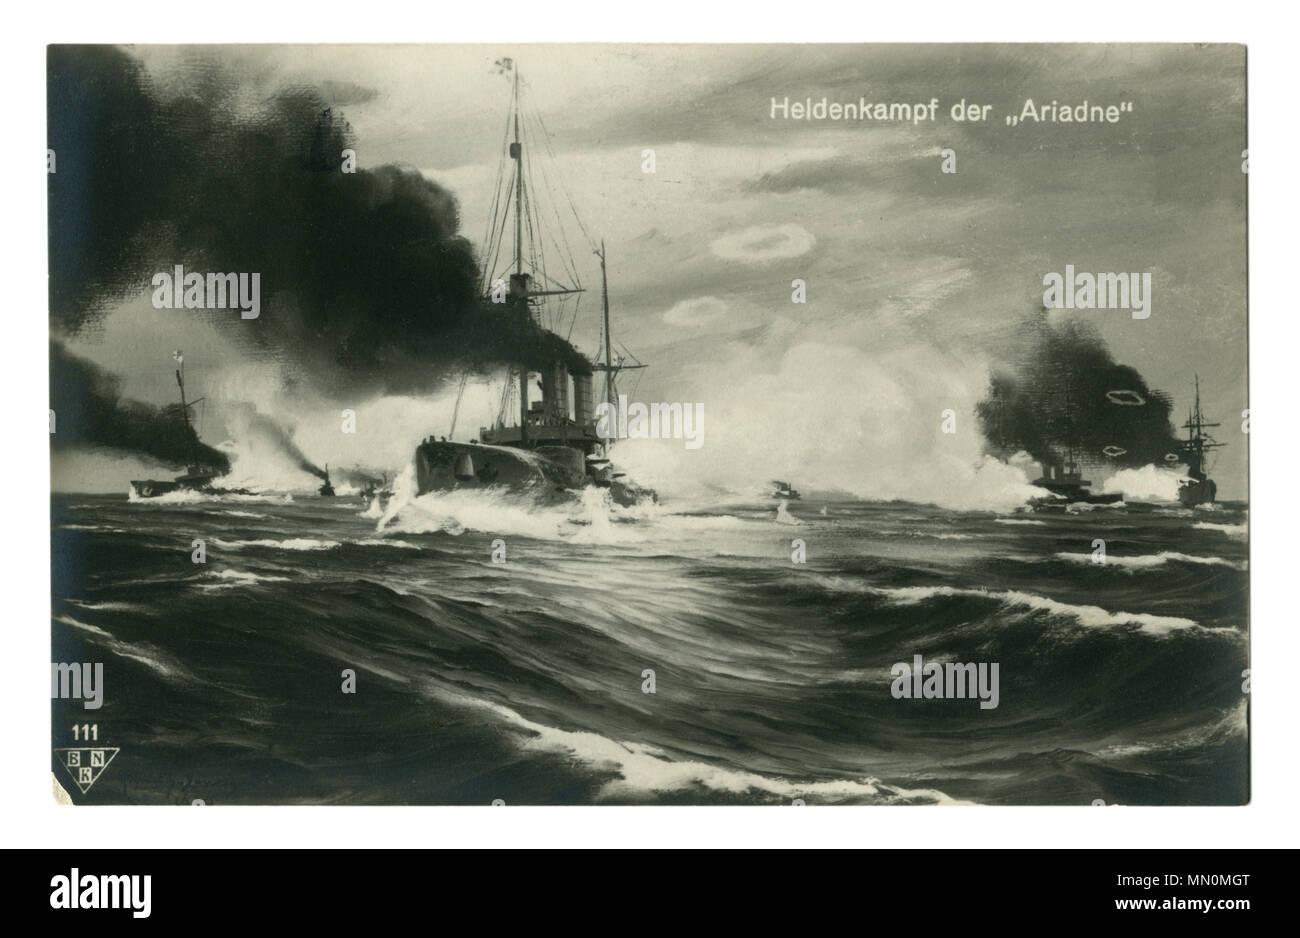 Antigua postal alemán: cruiser SMS Ariadne atraviesa las empinadas olas en el mar tempestuoso, acompañado por buques de guerra de la Armada Imperial, la I Guerra Mundial 1914-1918 Foto de stock